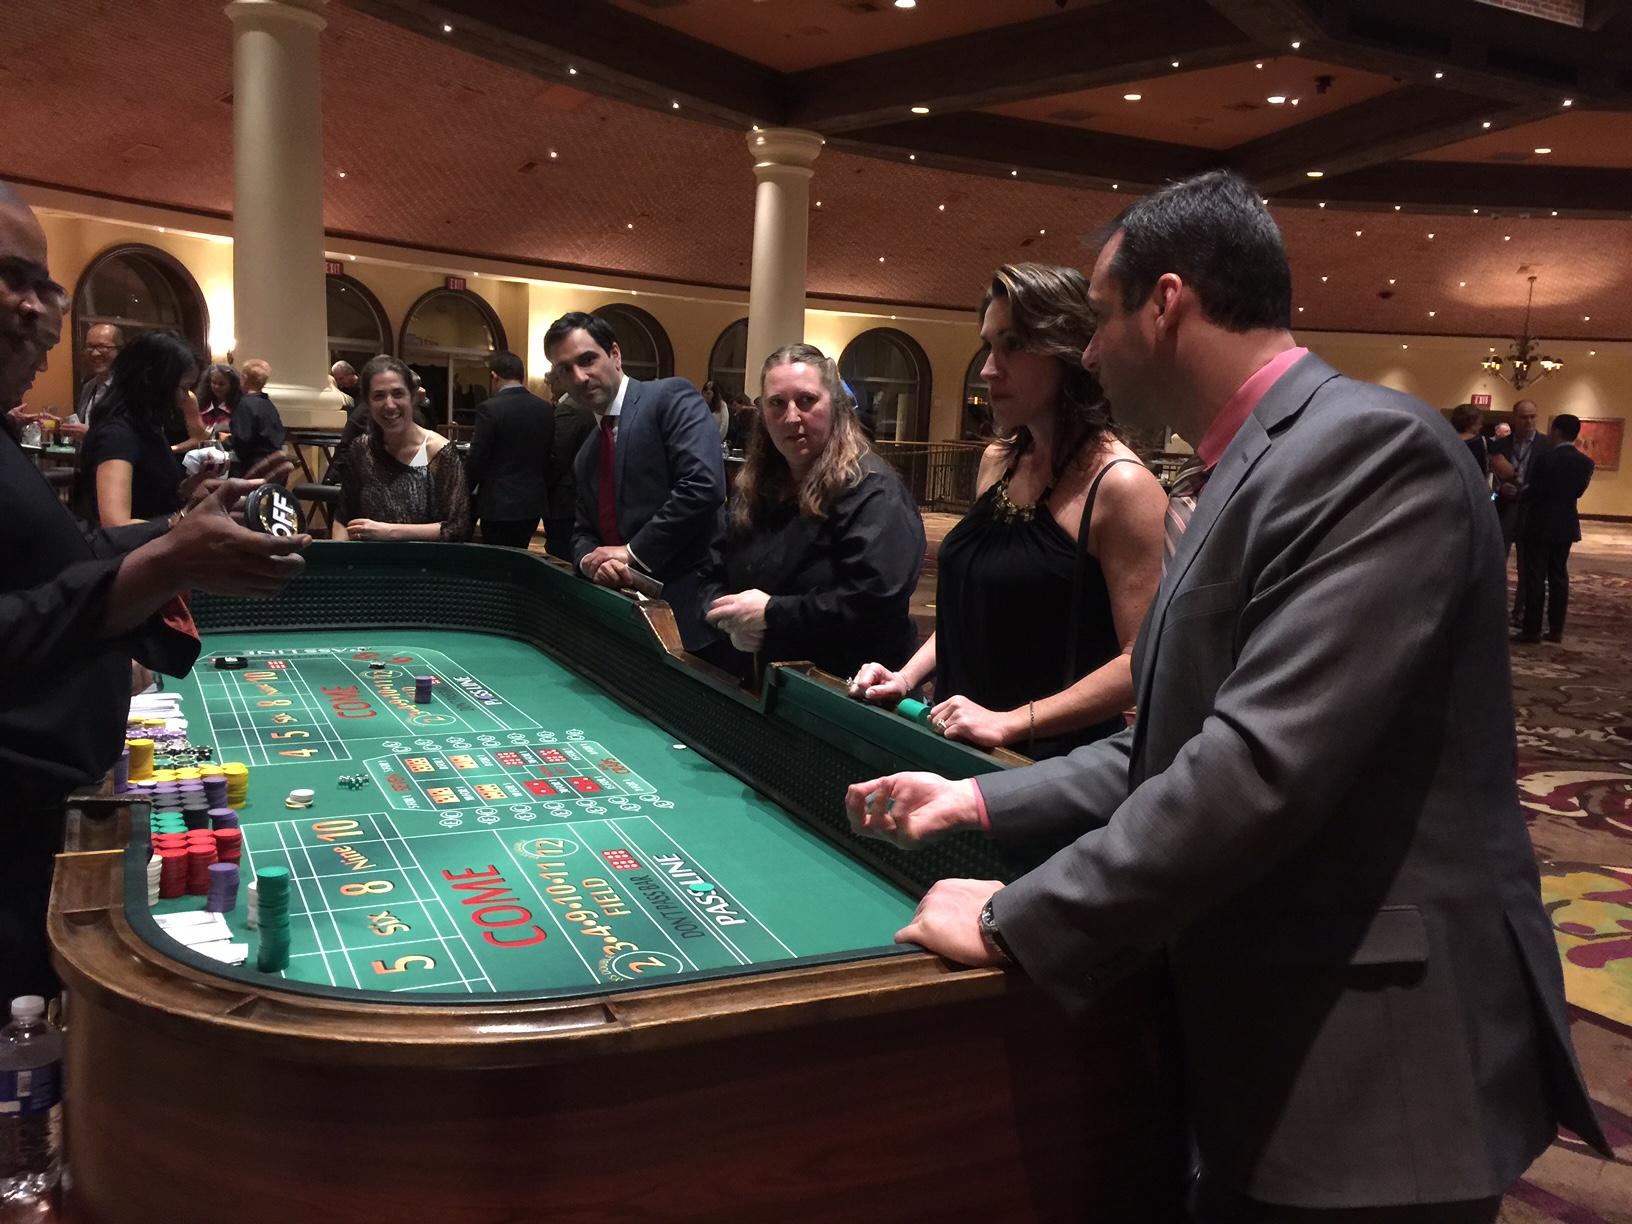 Игровые слоты вулкан играть бесплатно и без регистрации в онлайн казино